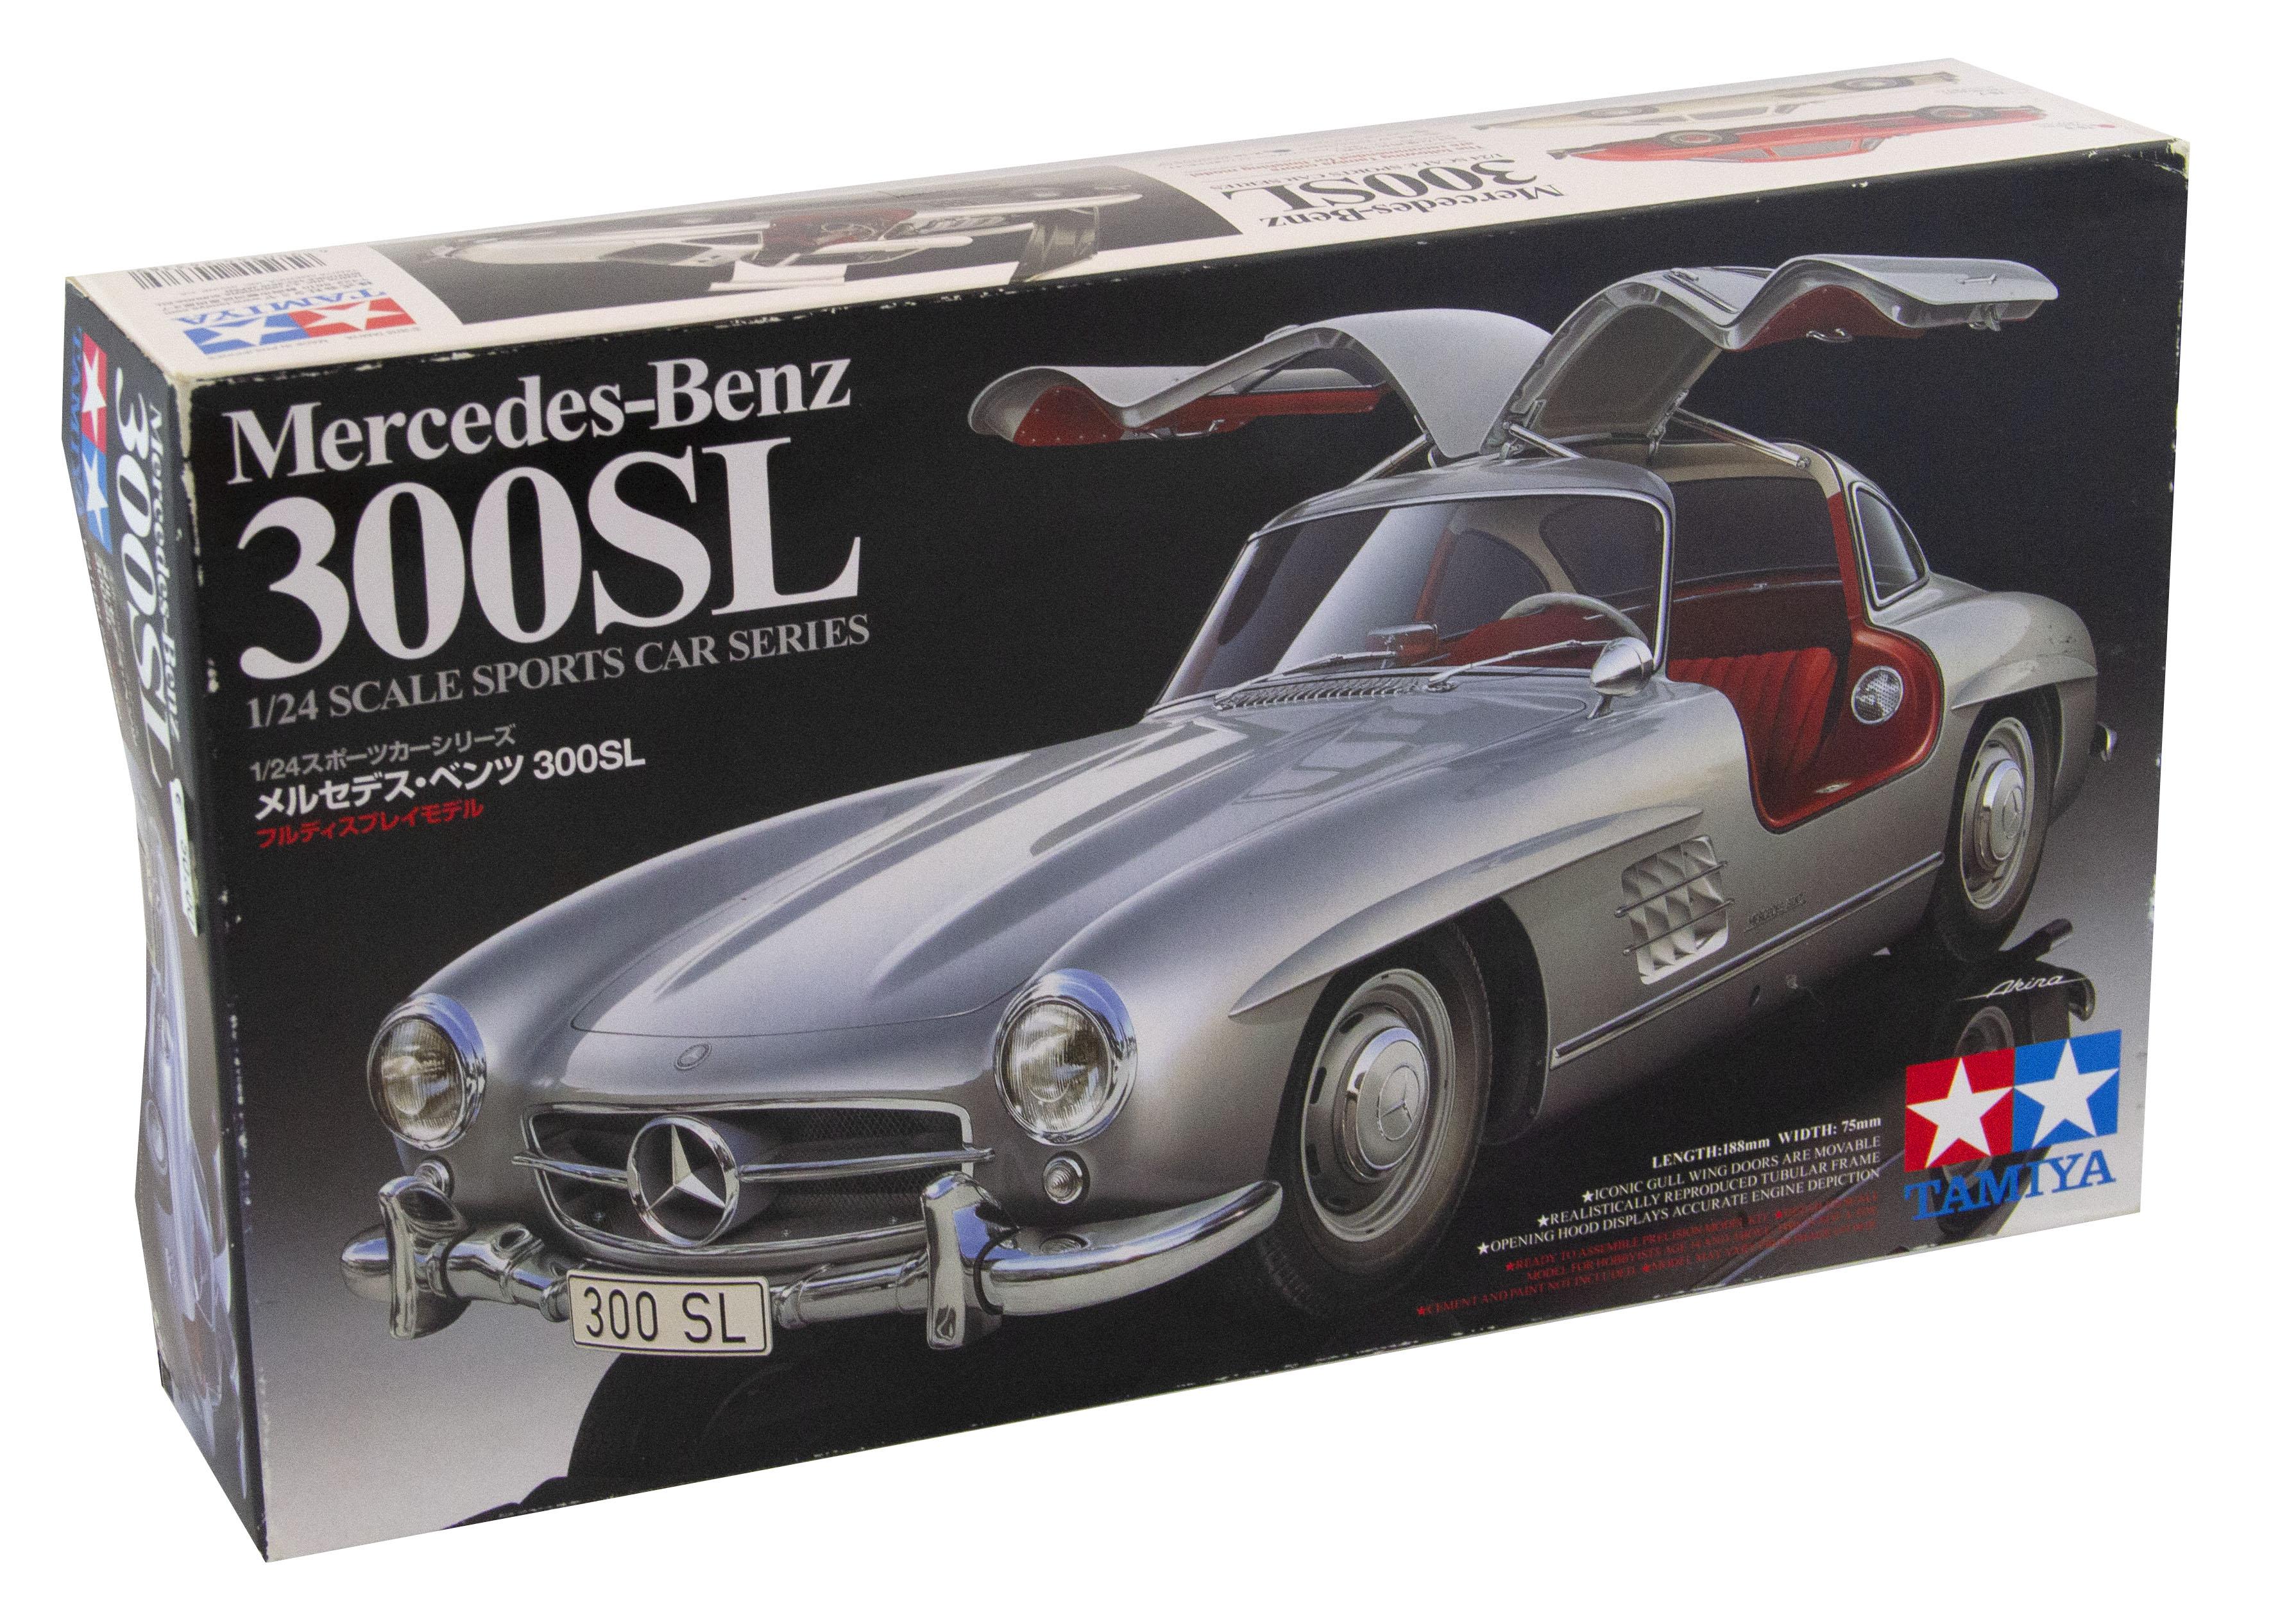 Kit Mercedes Benz 300Sl 1/24